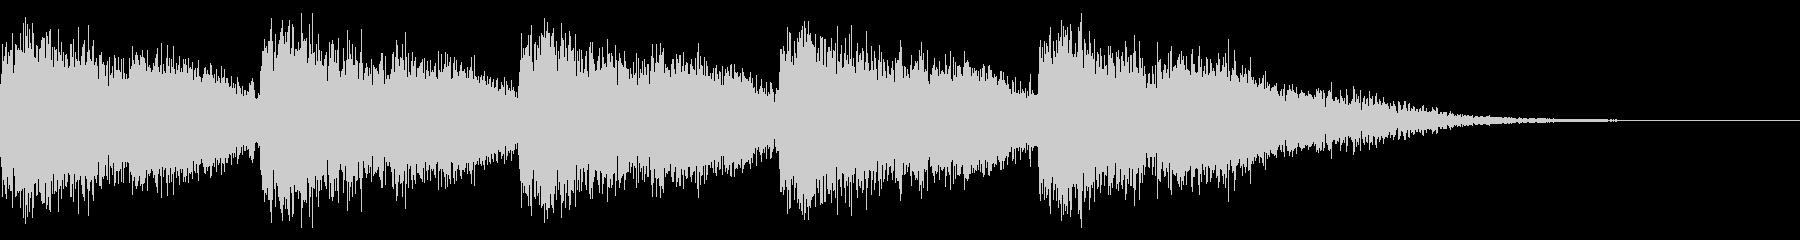 アラート音の未再生の波形